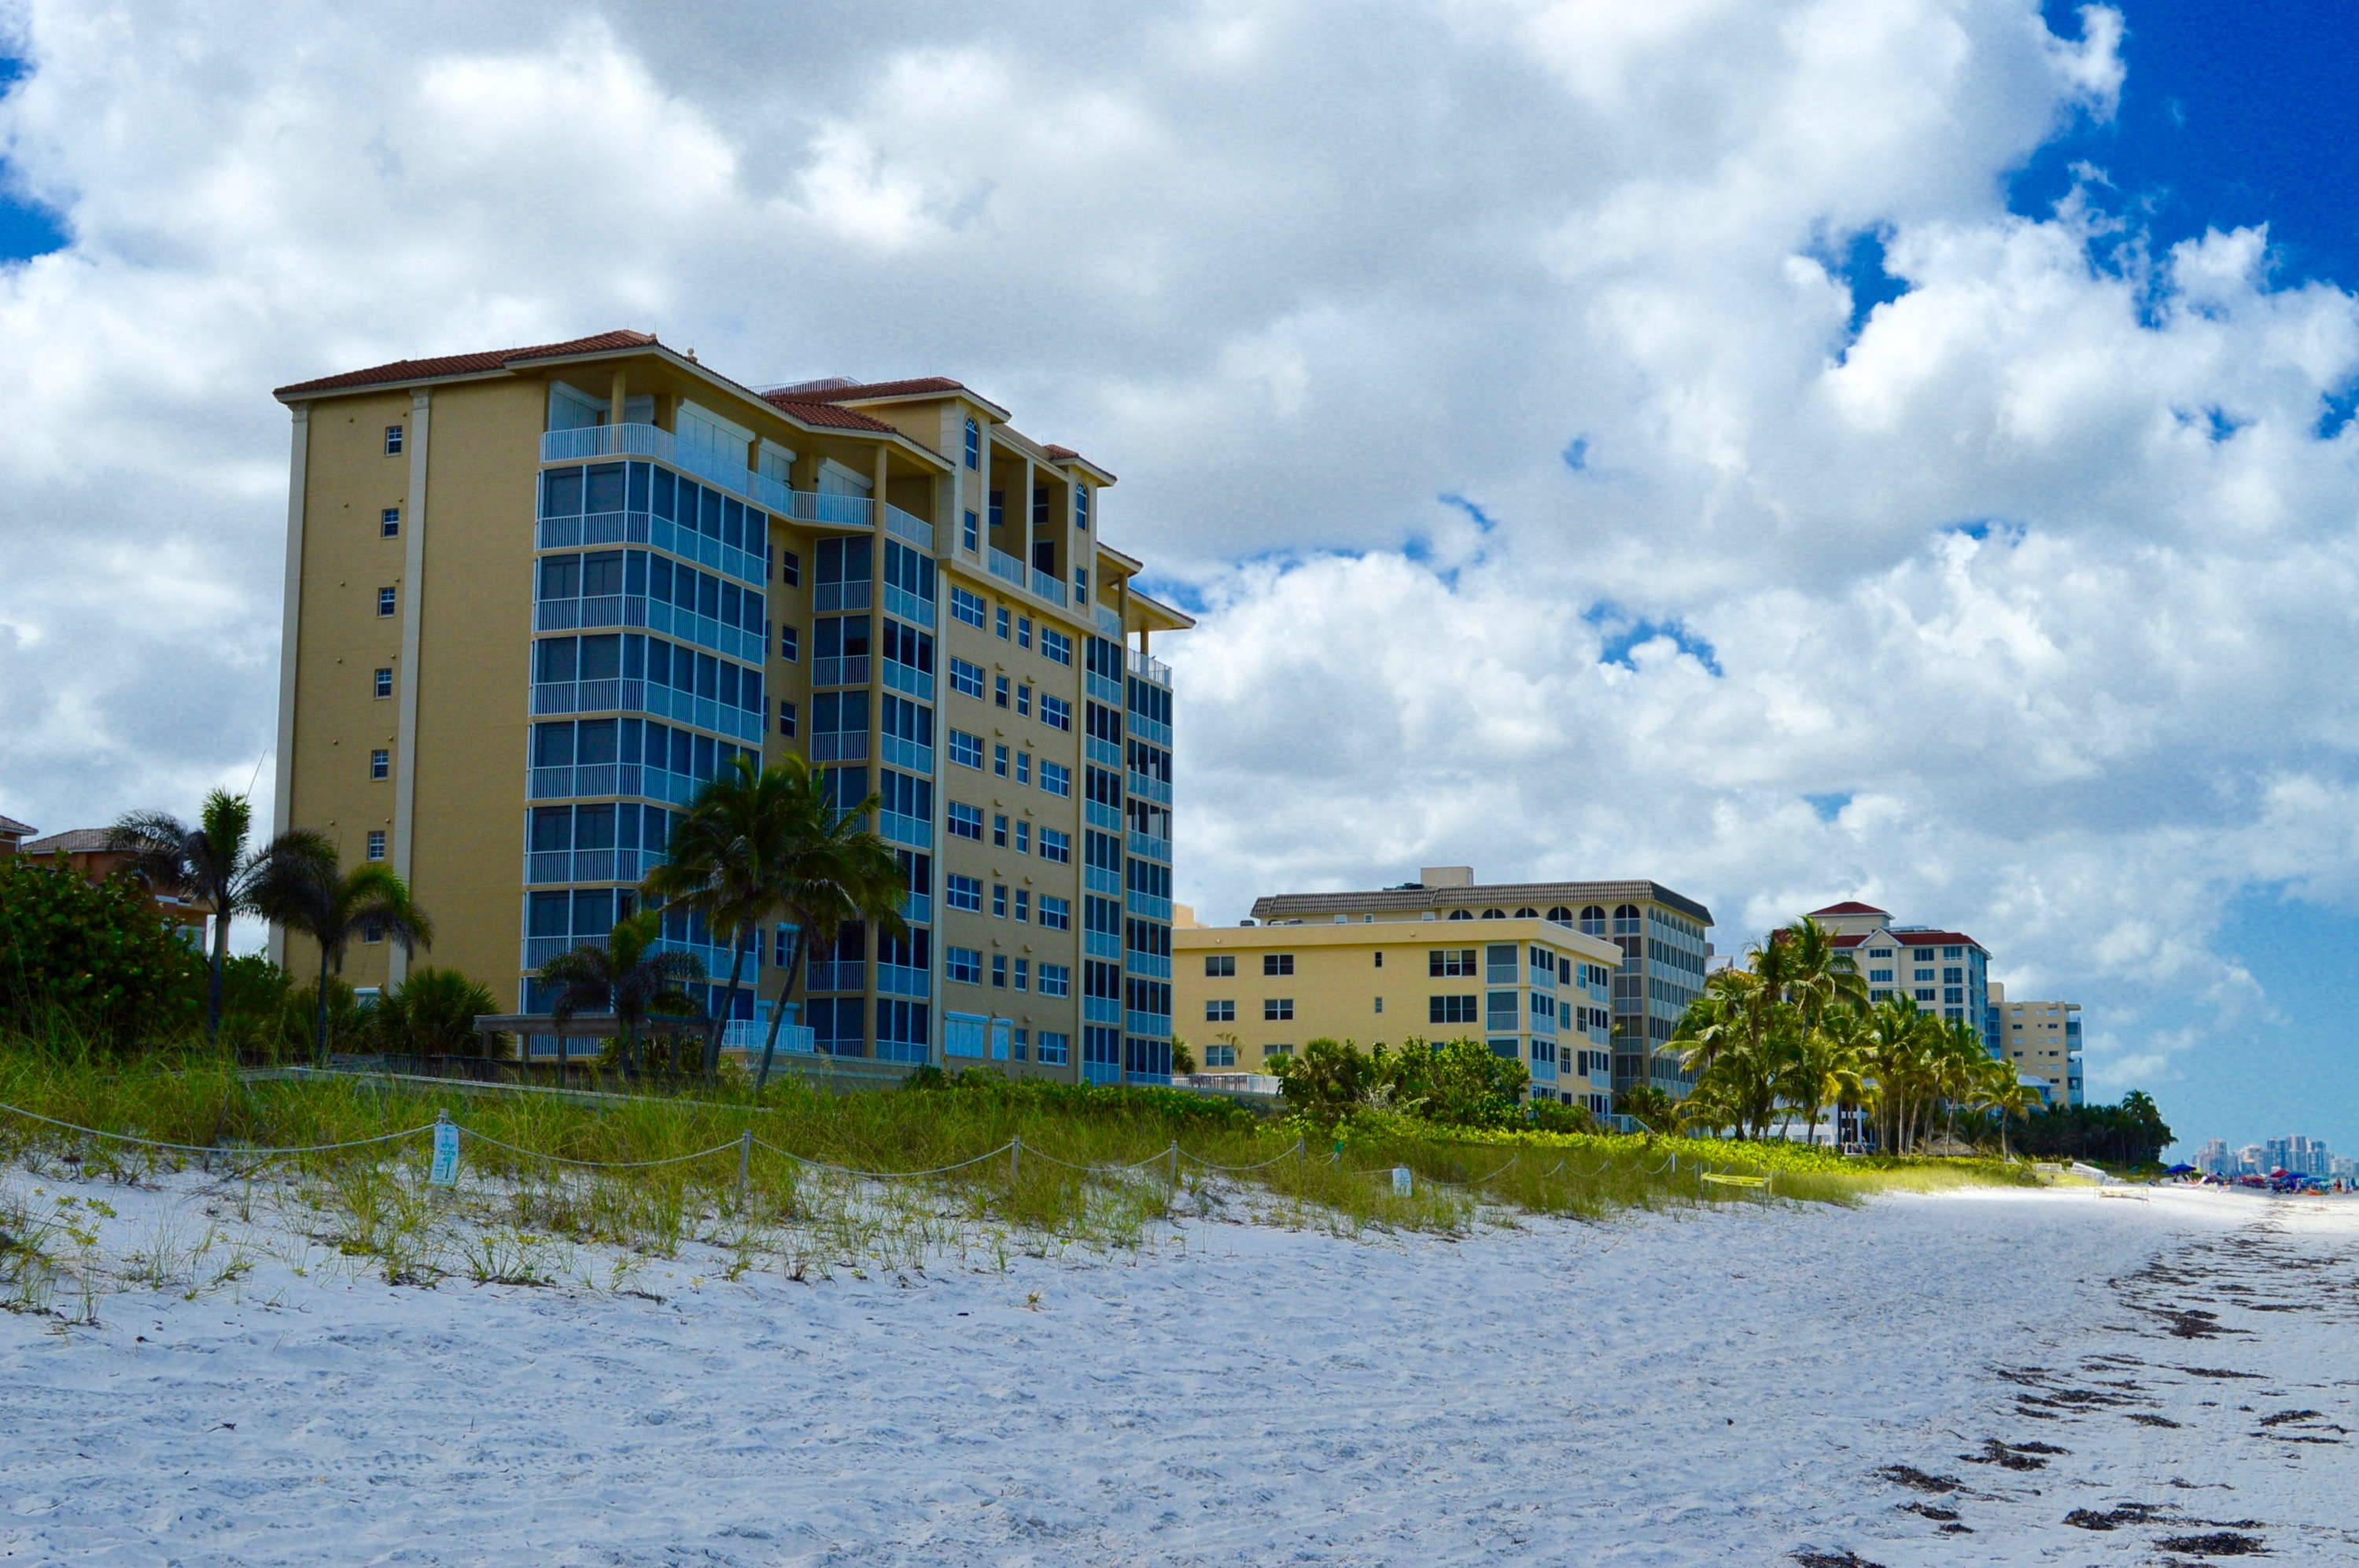 naples beachfront condos for sale naples real estate beachfront